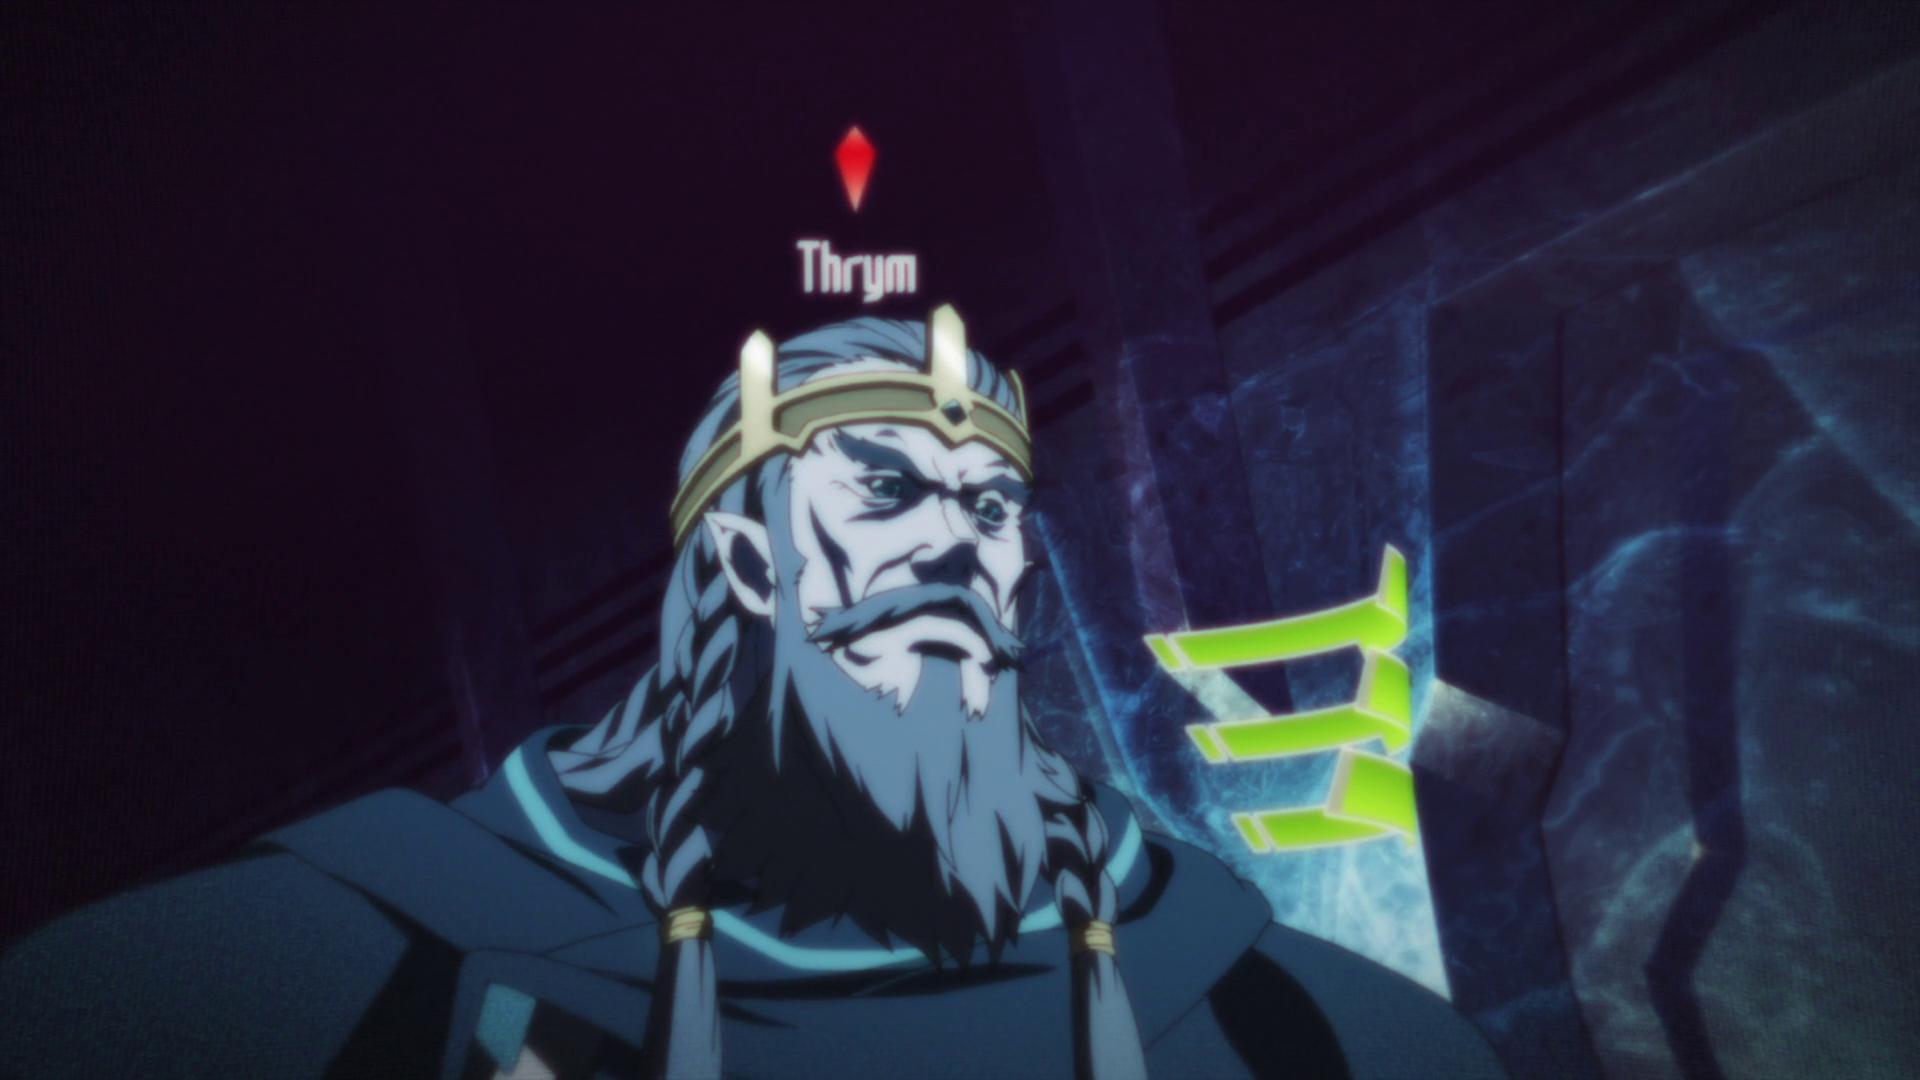 Thrym Sword Art Online Wiki Fandom Powered By Wikia